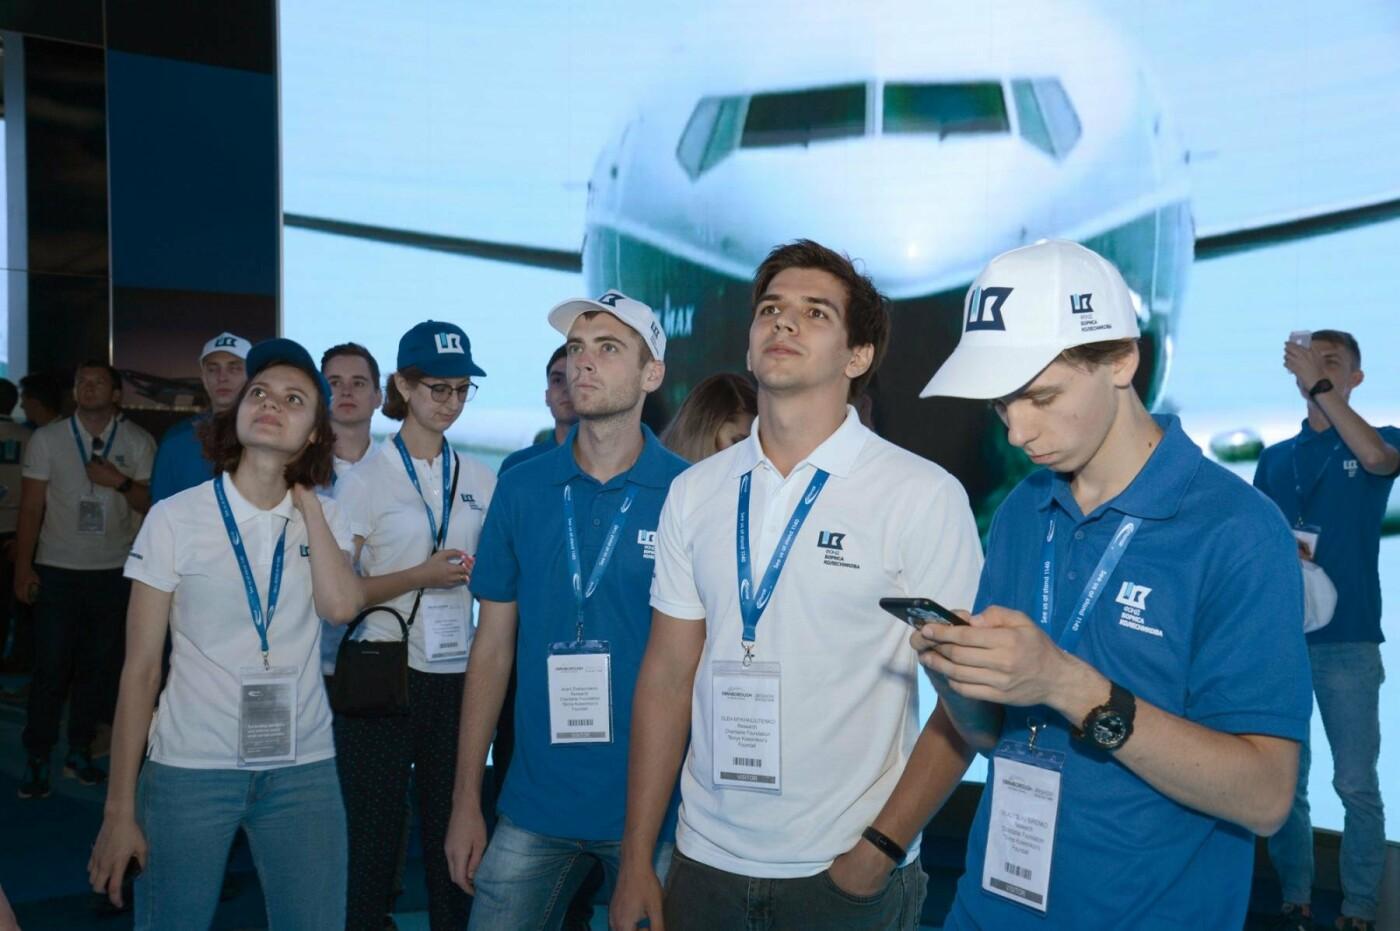 Фонд Бориса Колесникова показал авиаторам Запорожья крупнейший авиафорум в Лондоне, фото-1